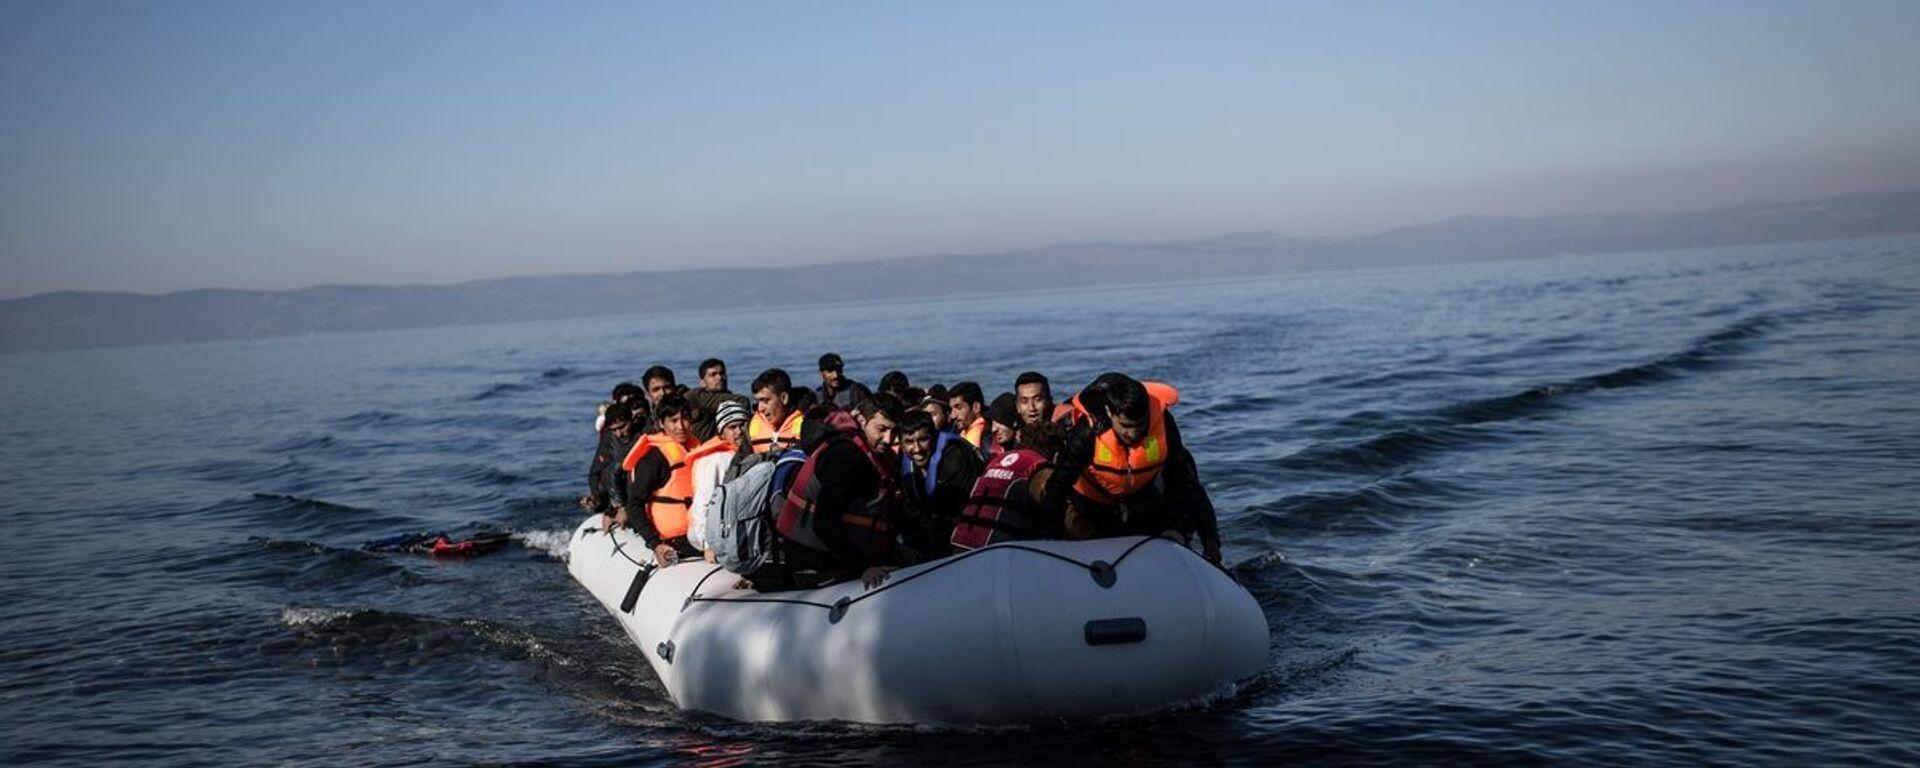 Πρόσφυγες και μετανάστες στο Αιγαίο - Sputnik Ελλάδα, 1920, 31.08.2021